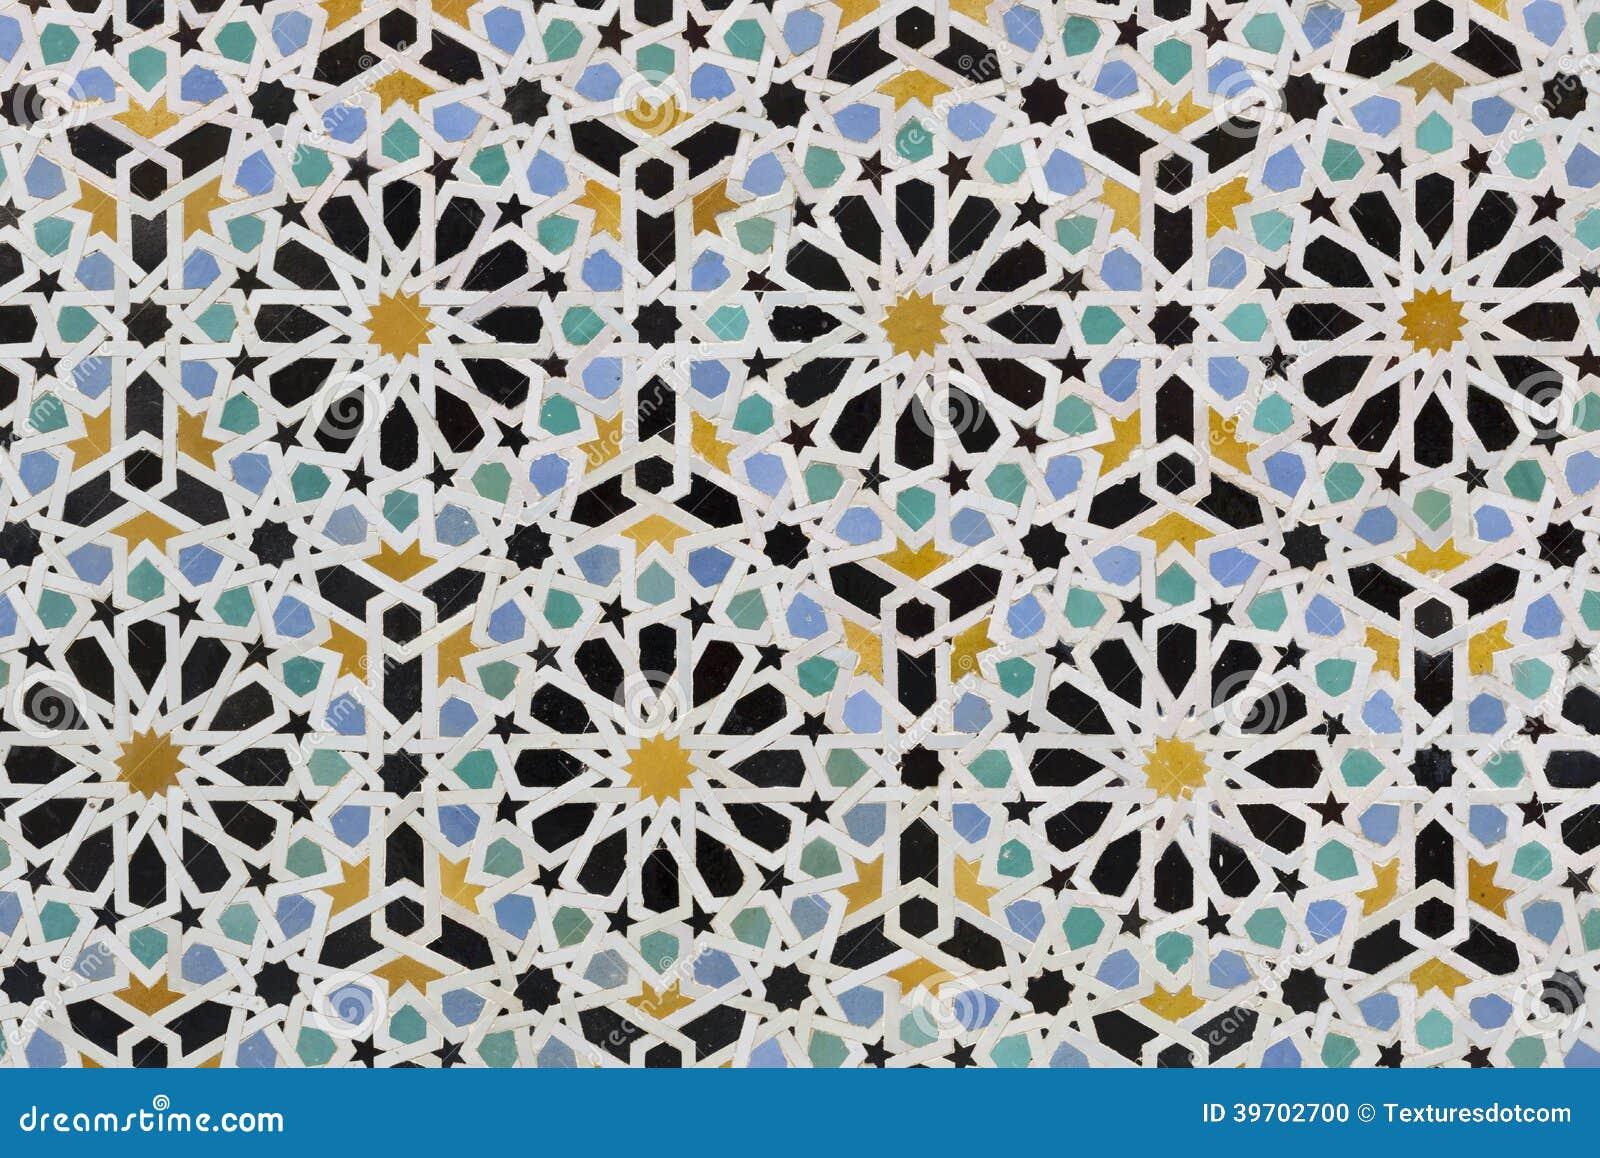 Marokkanische Fliesen Hausdesignpro - Zellige fliesen berlin